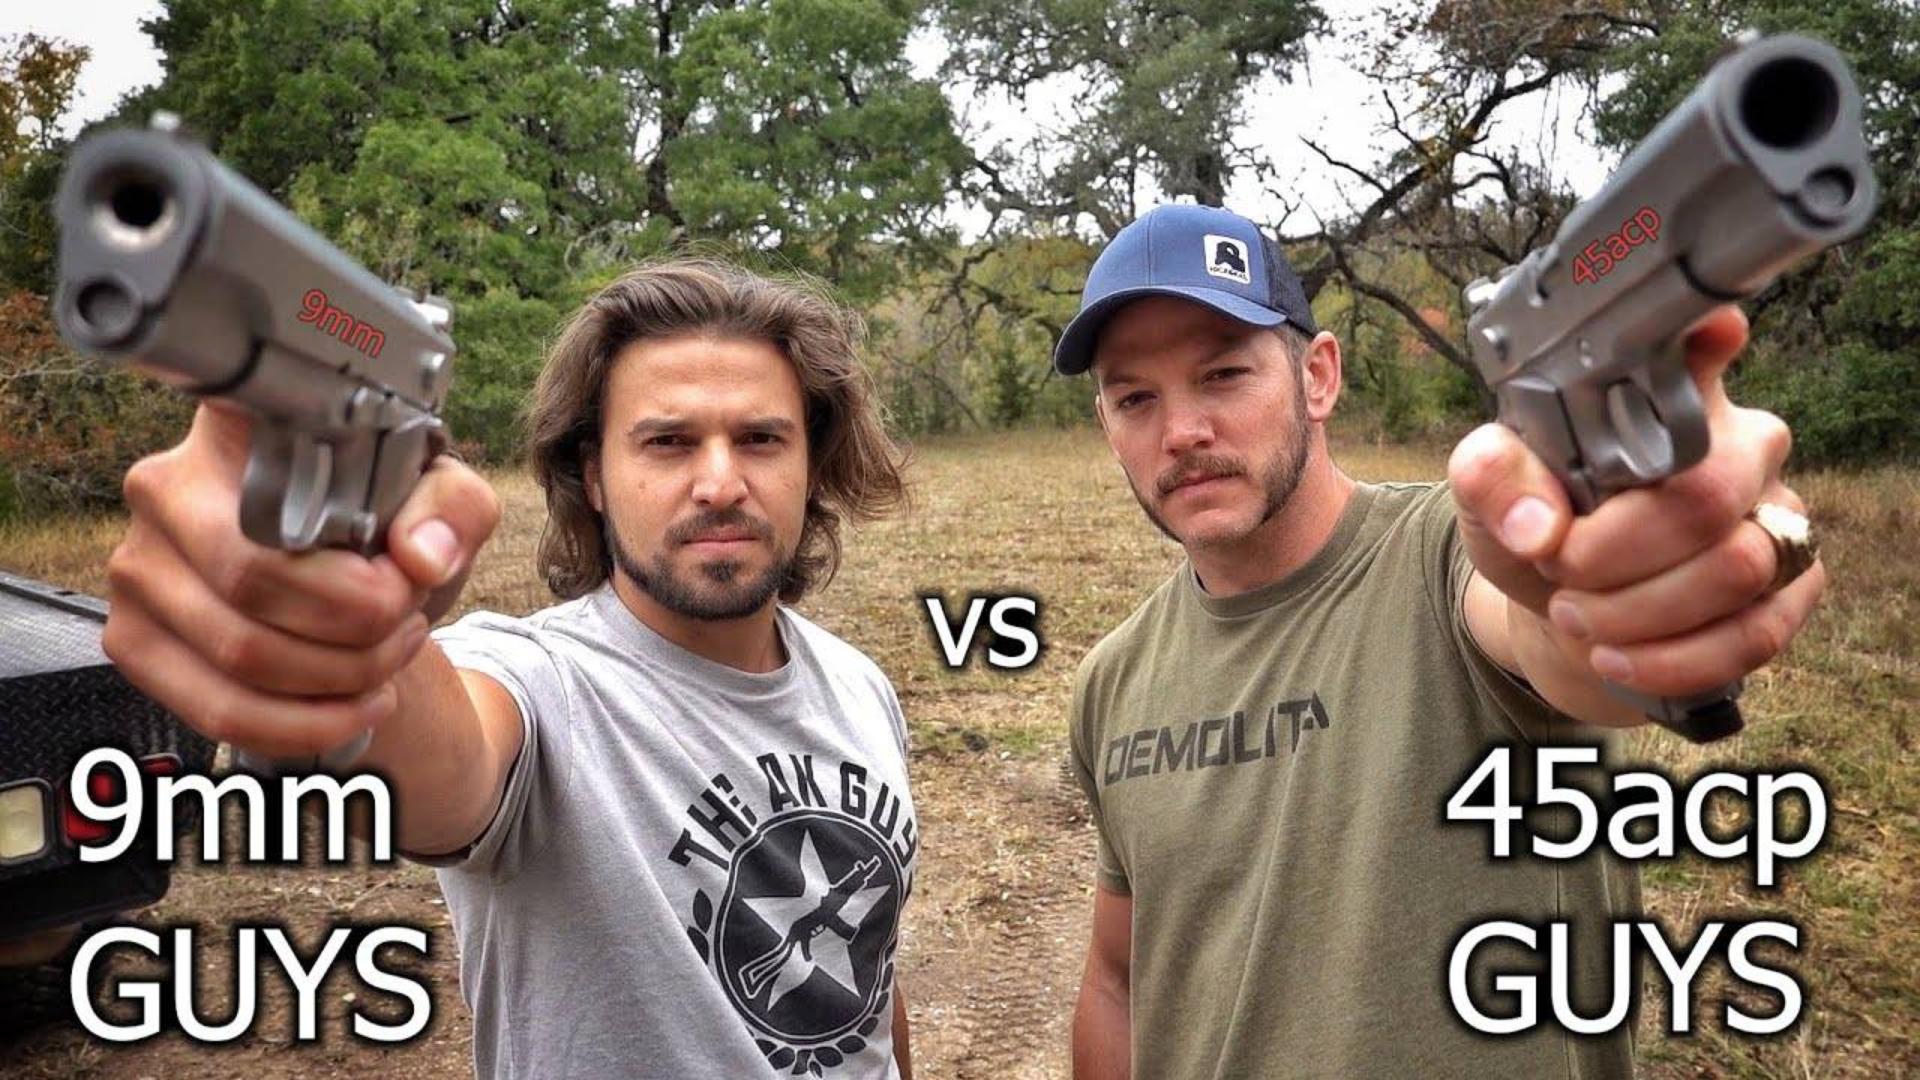 [爆破农场]9mm vs 45acp